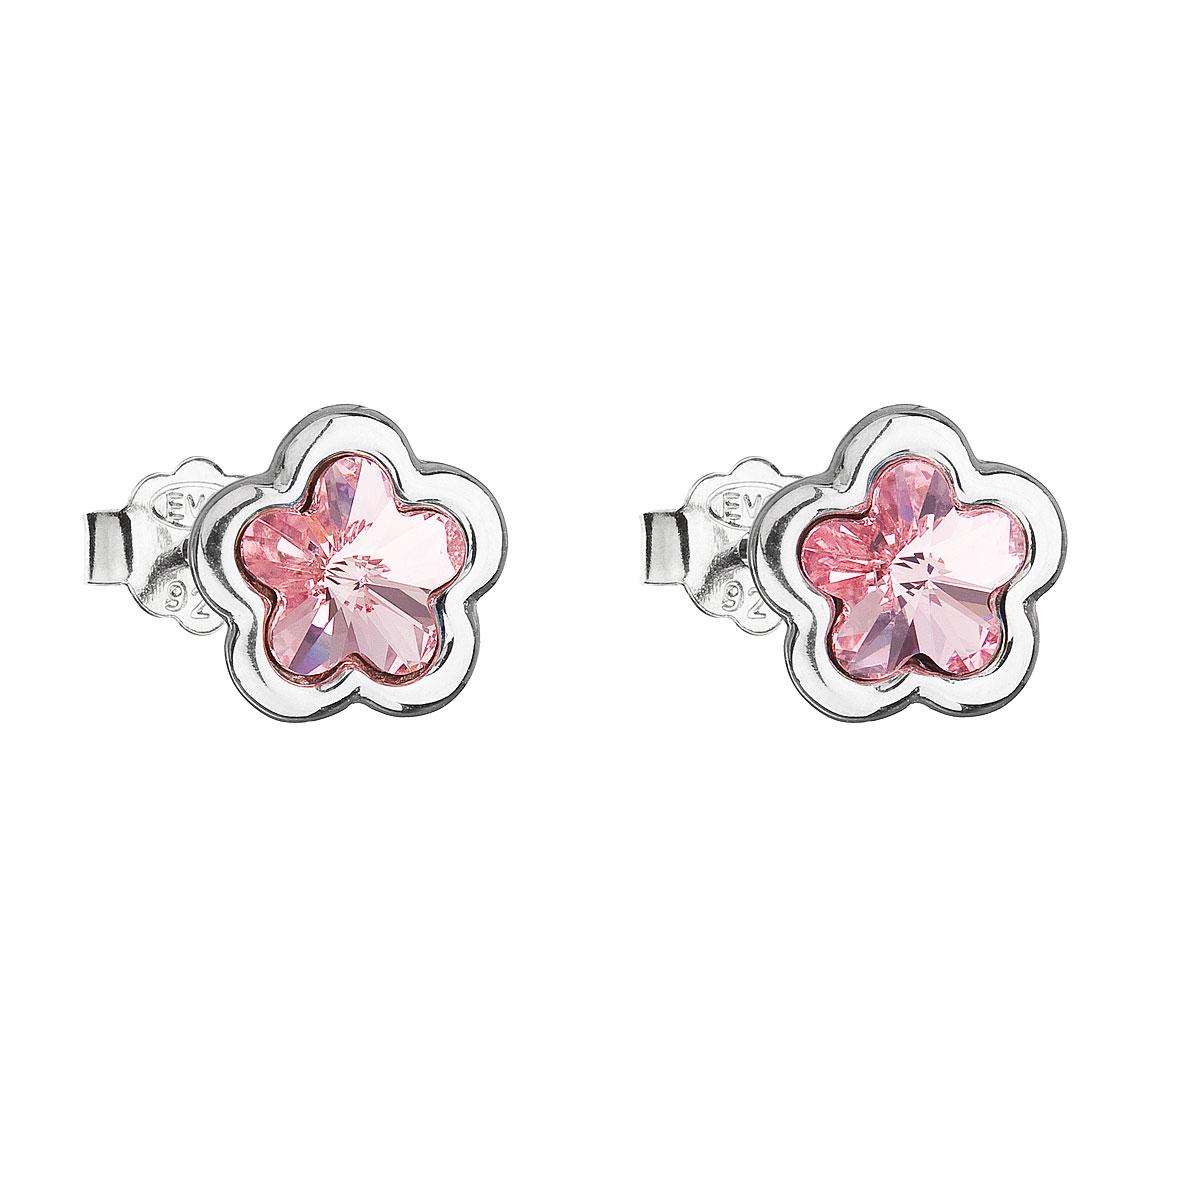 Strieborné náušnice perlička s krištálmi Swarovski ružová kytička 31255.3 light rose